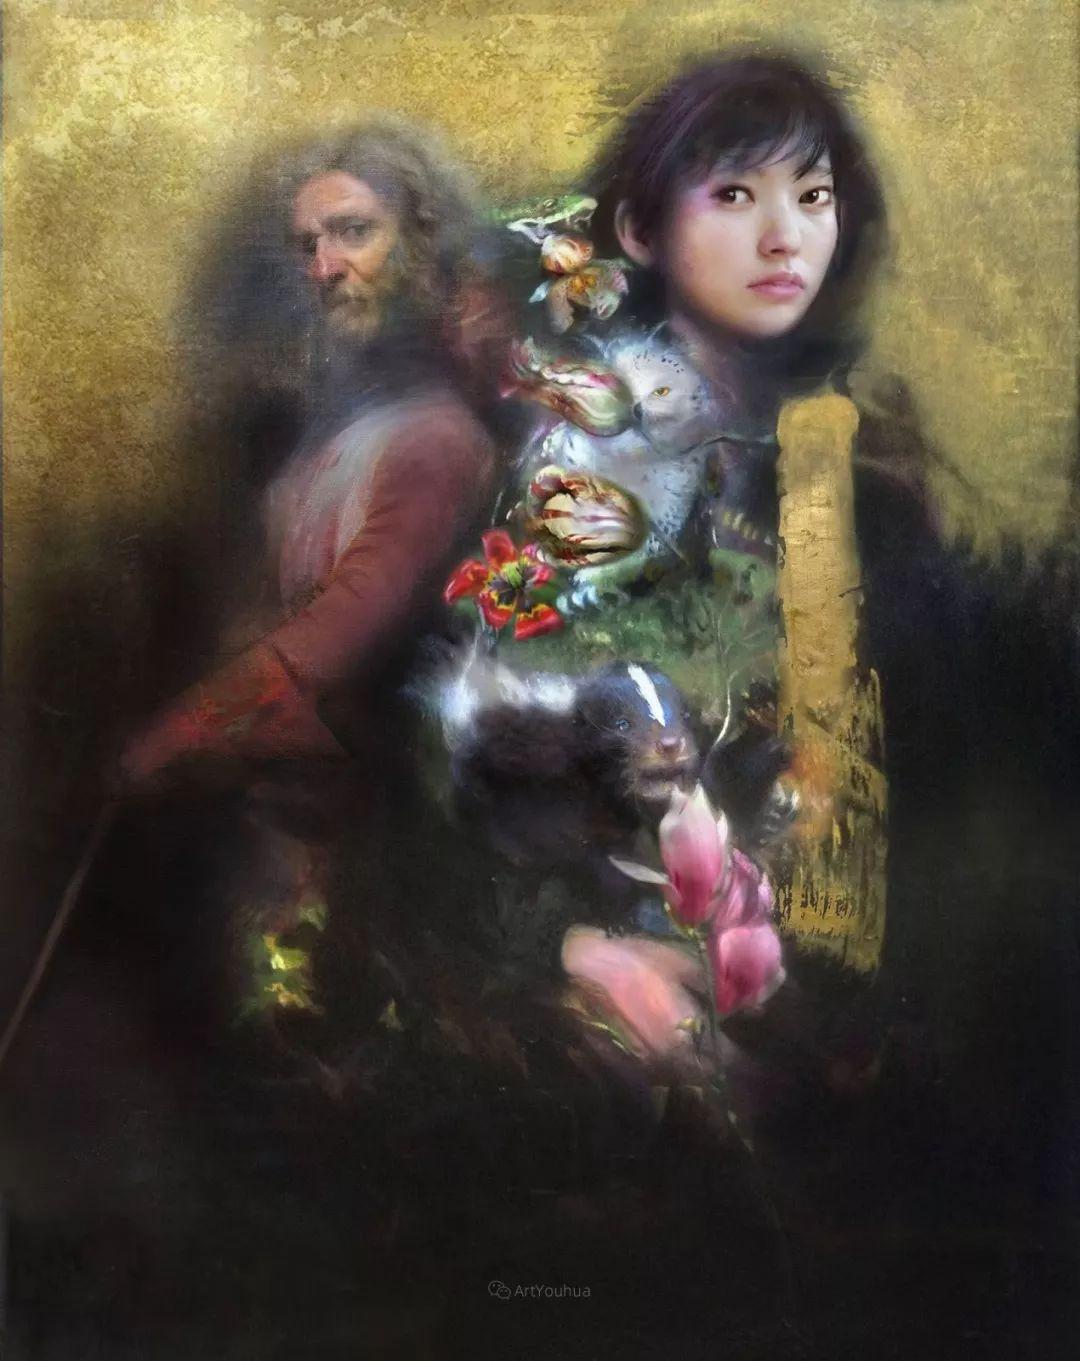 传统绘画与后现代元素的结合,英国画家伊娃·特洛伊插图12